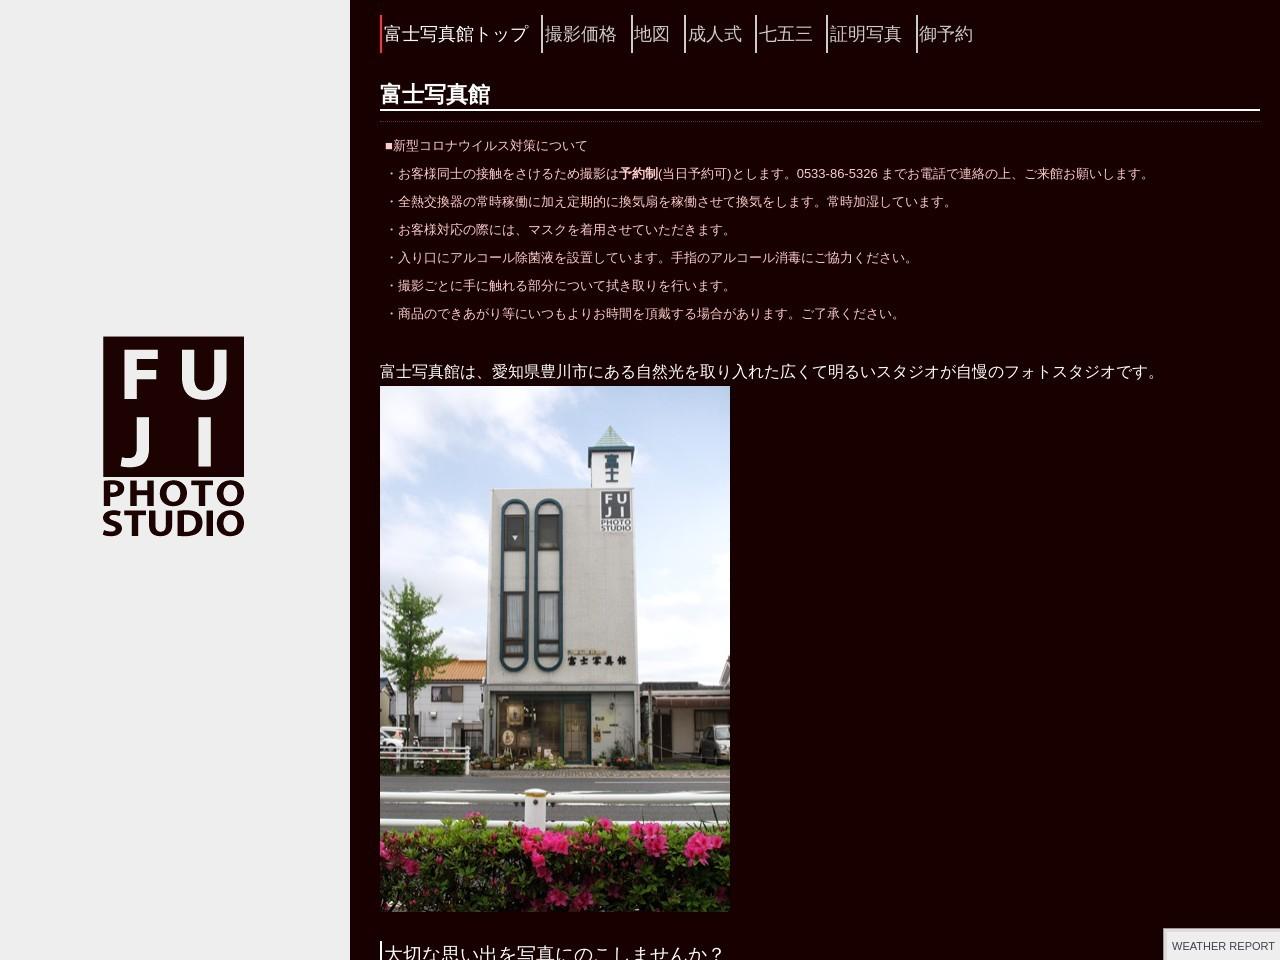 富士写真館